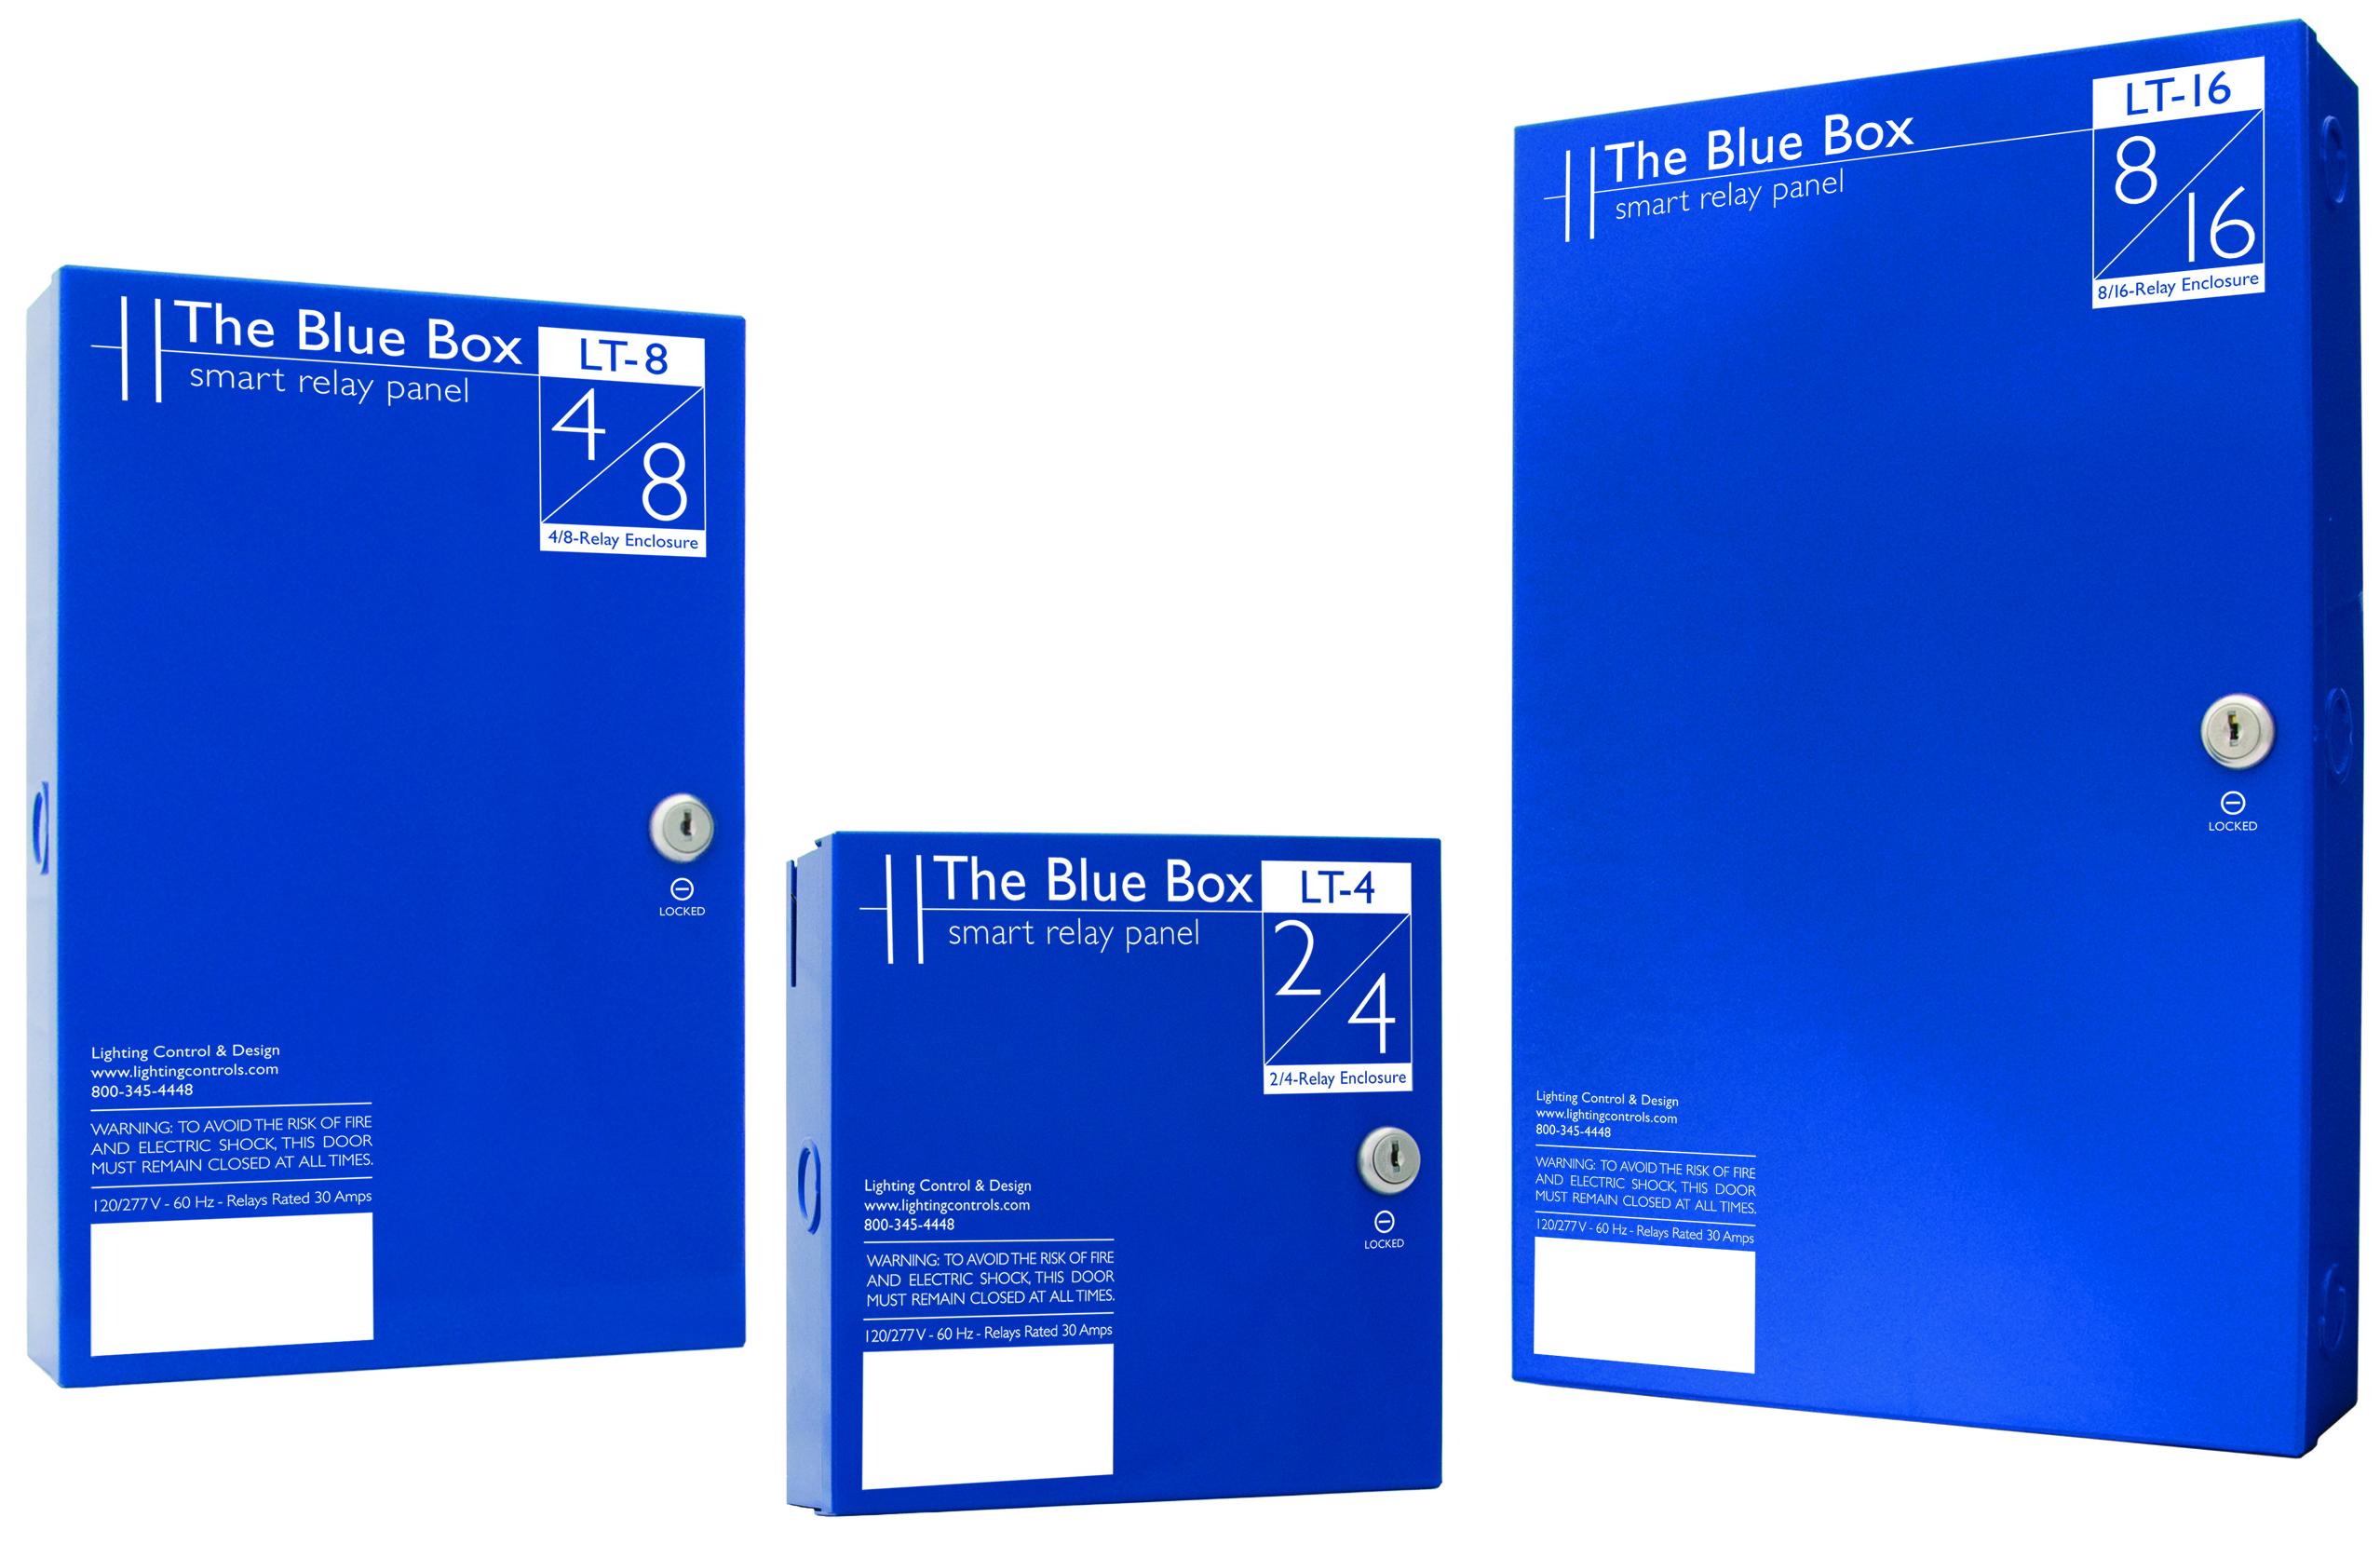 Blue Box Lt